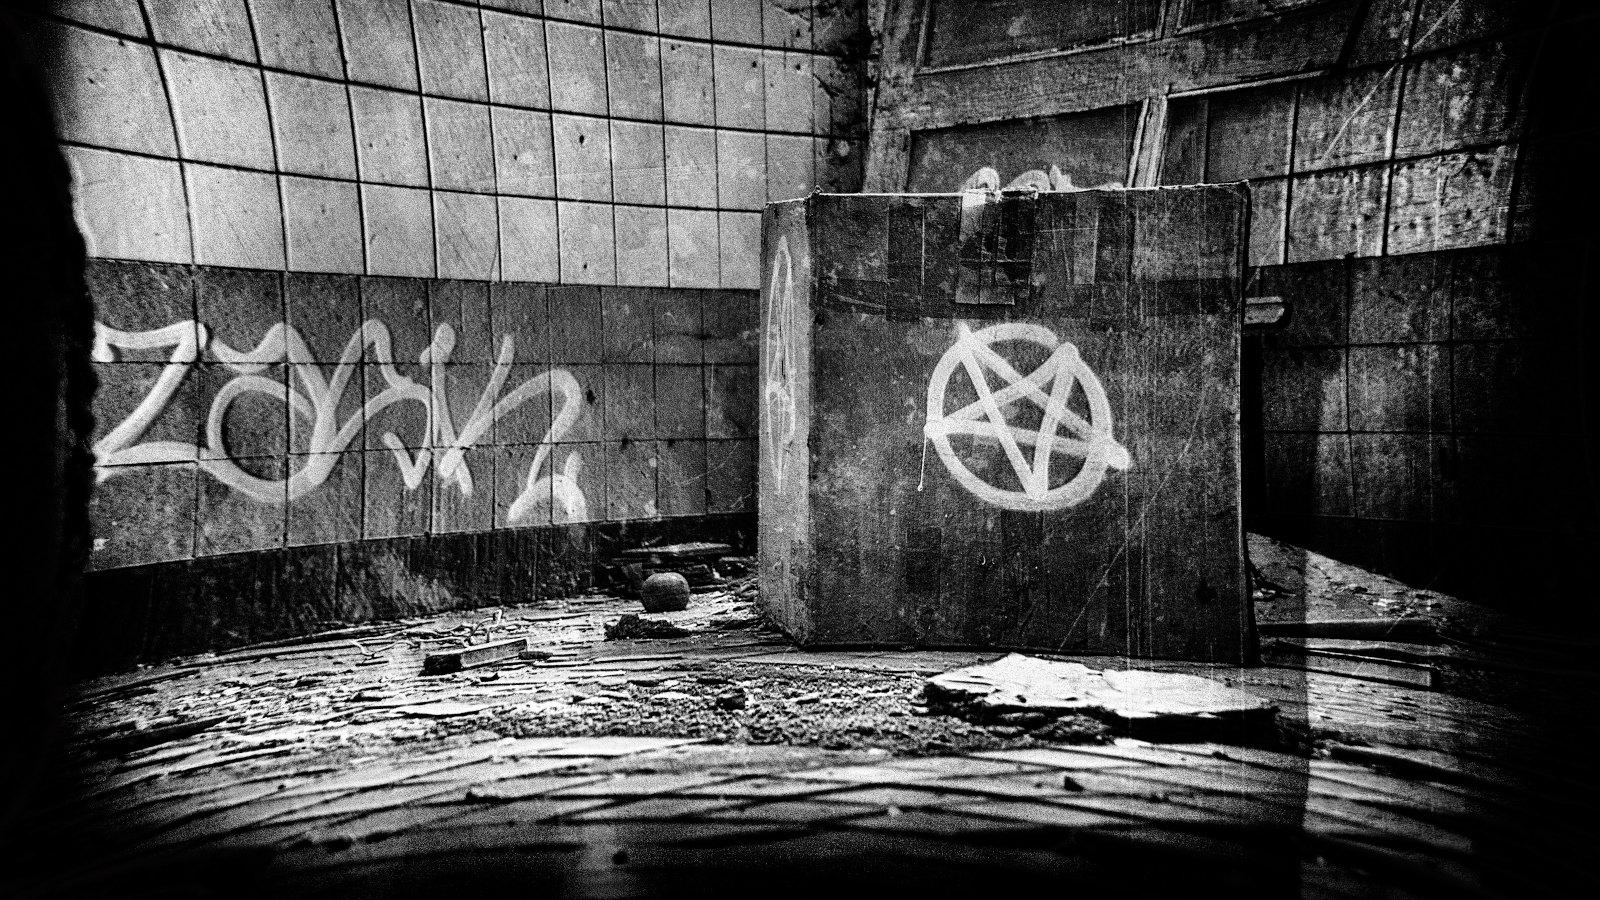 Photo by Denny Müller on Unsplash